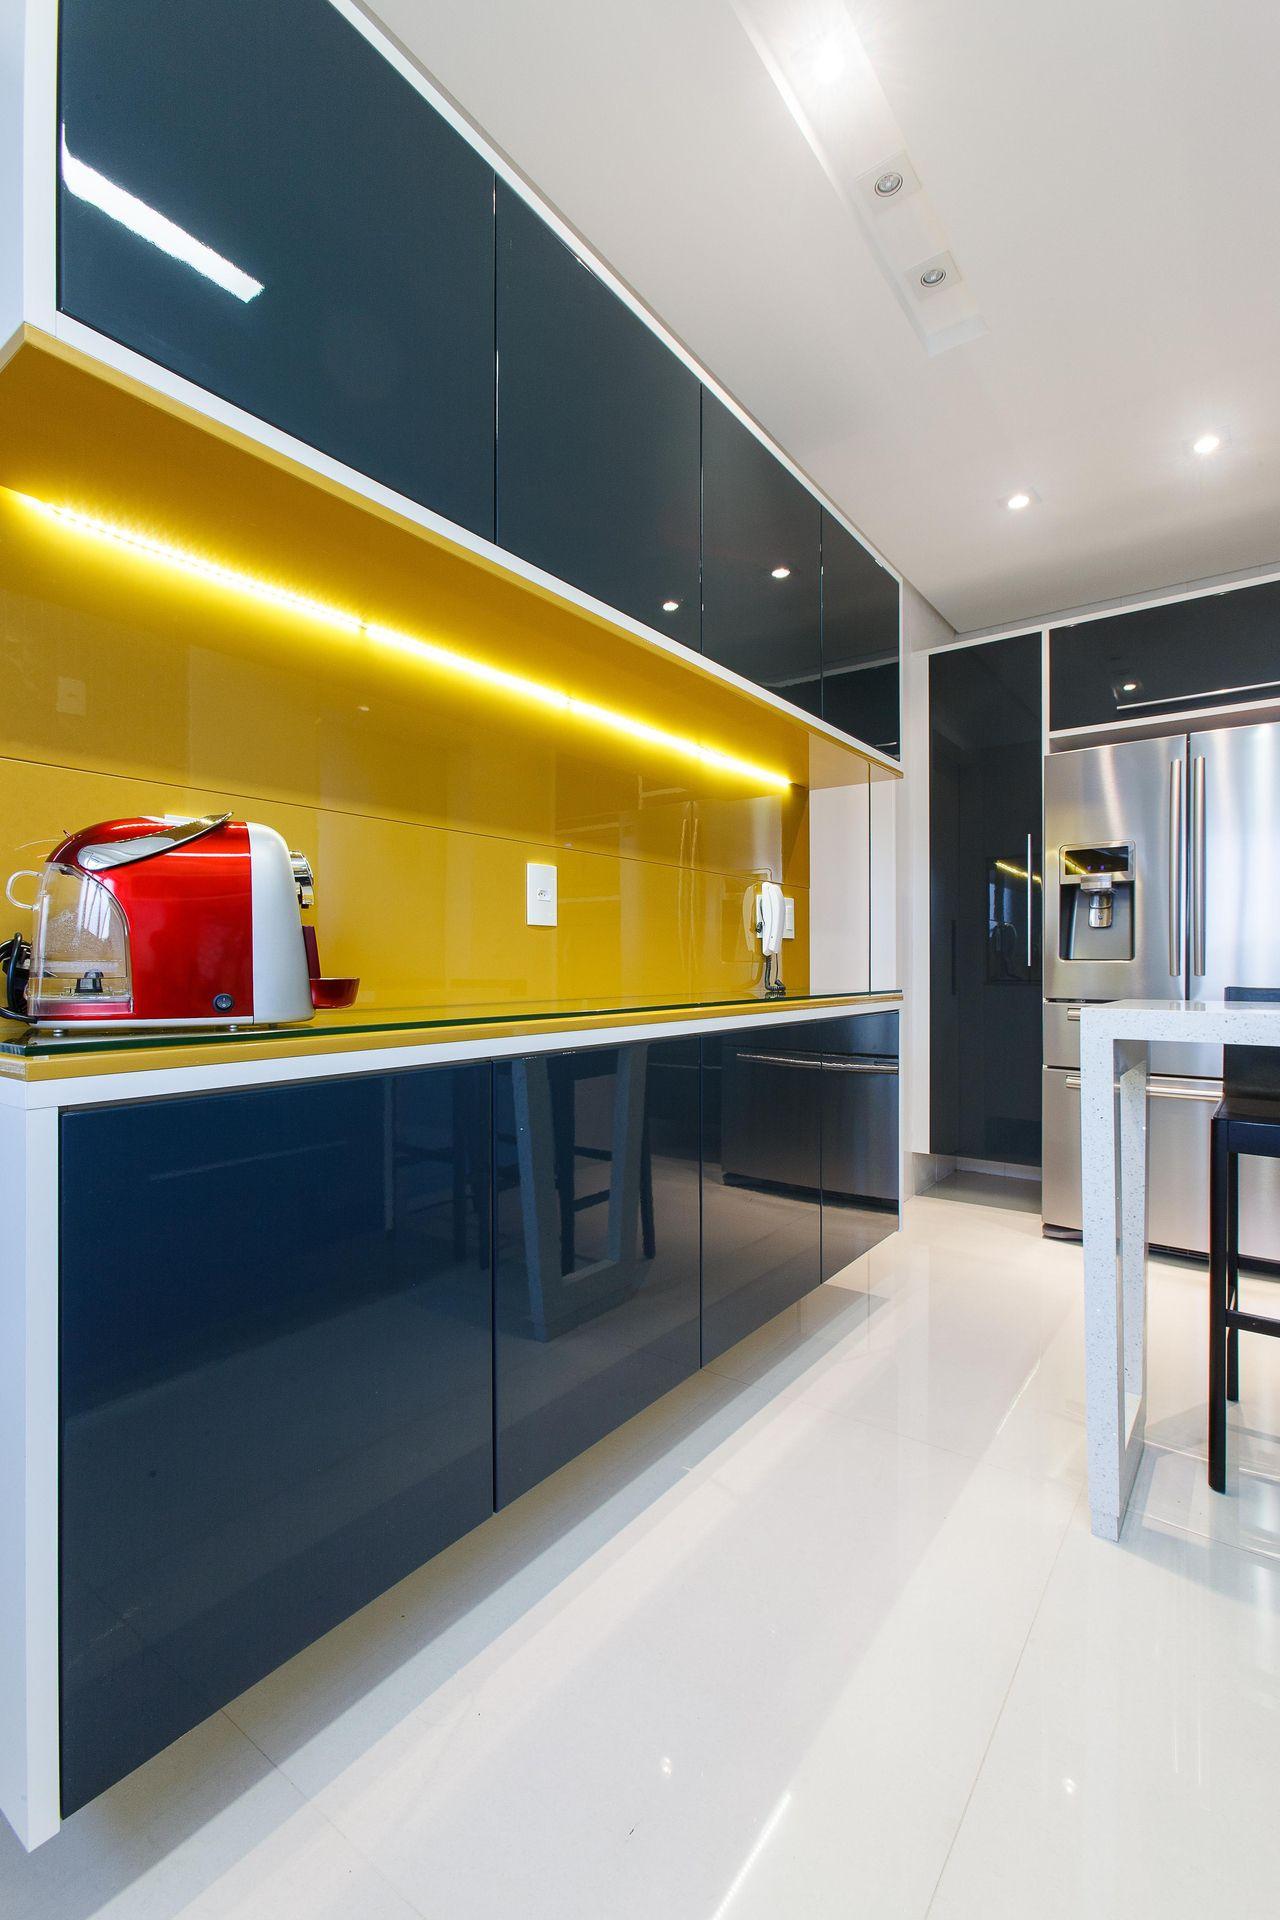 Cozinha Planejada Com Arm Rio Amarelo De Orlane Santos 78136 No